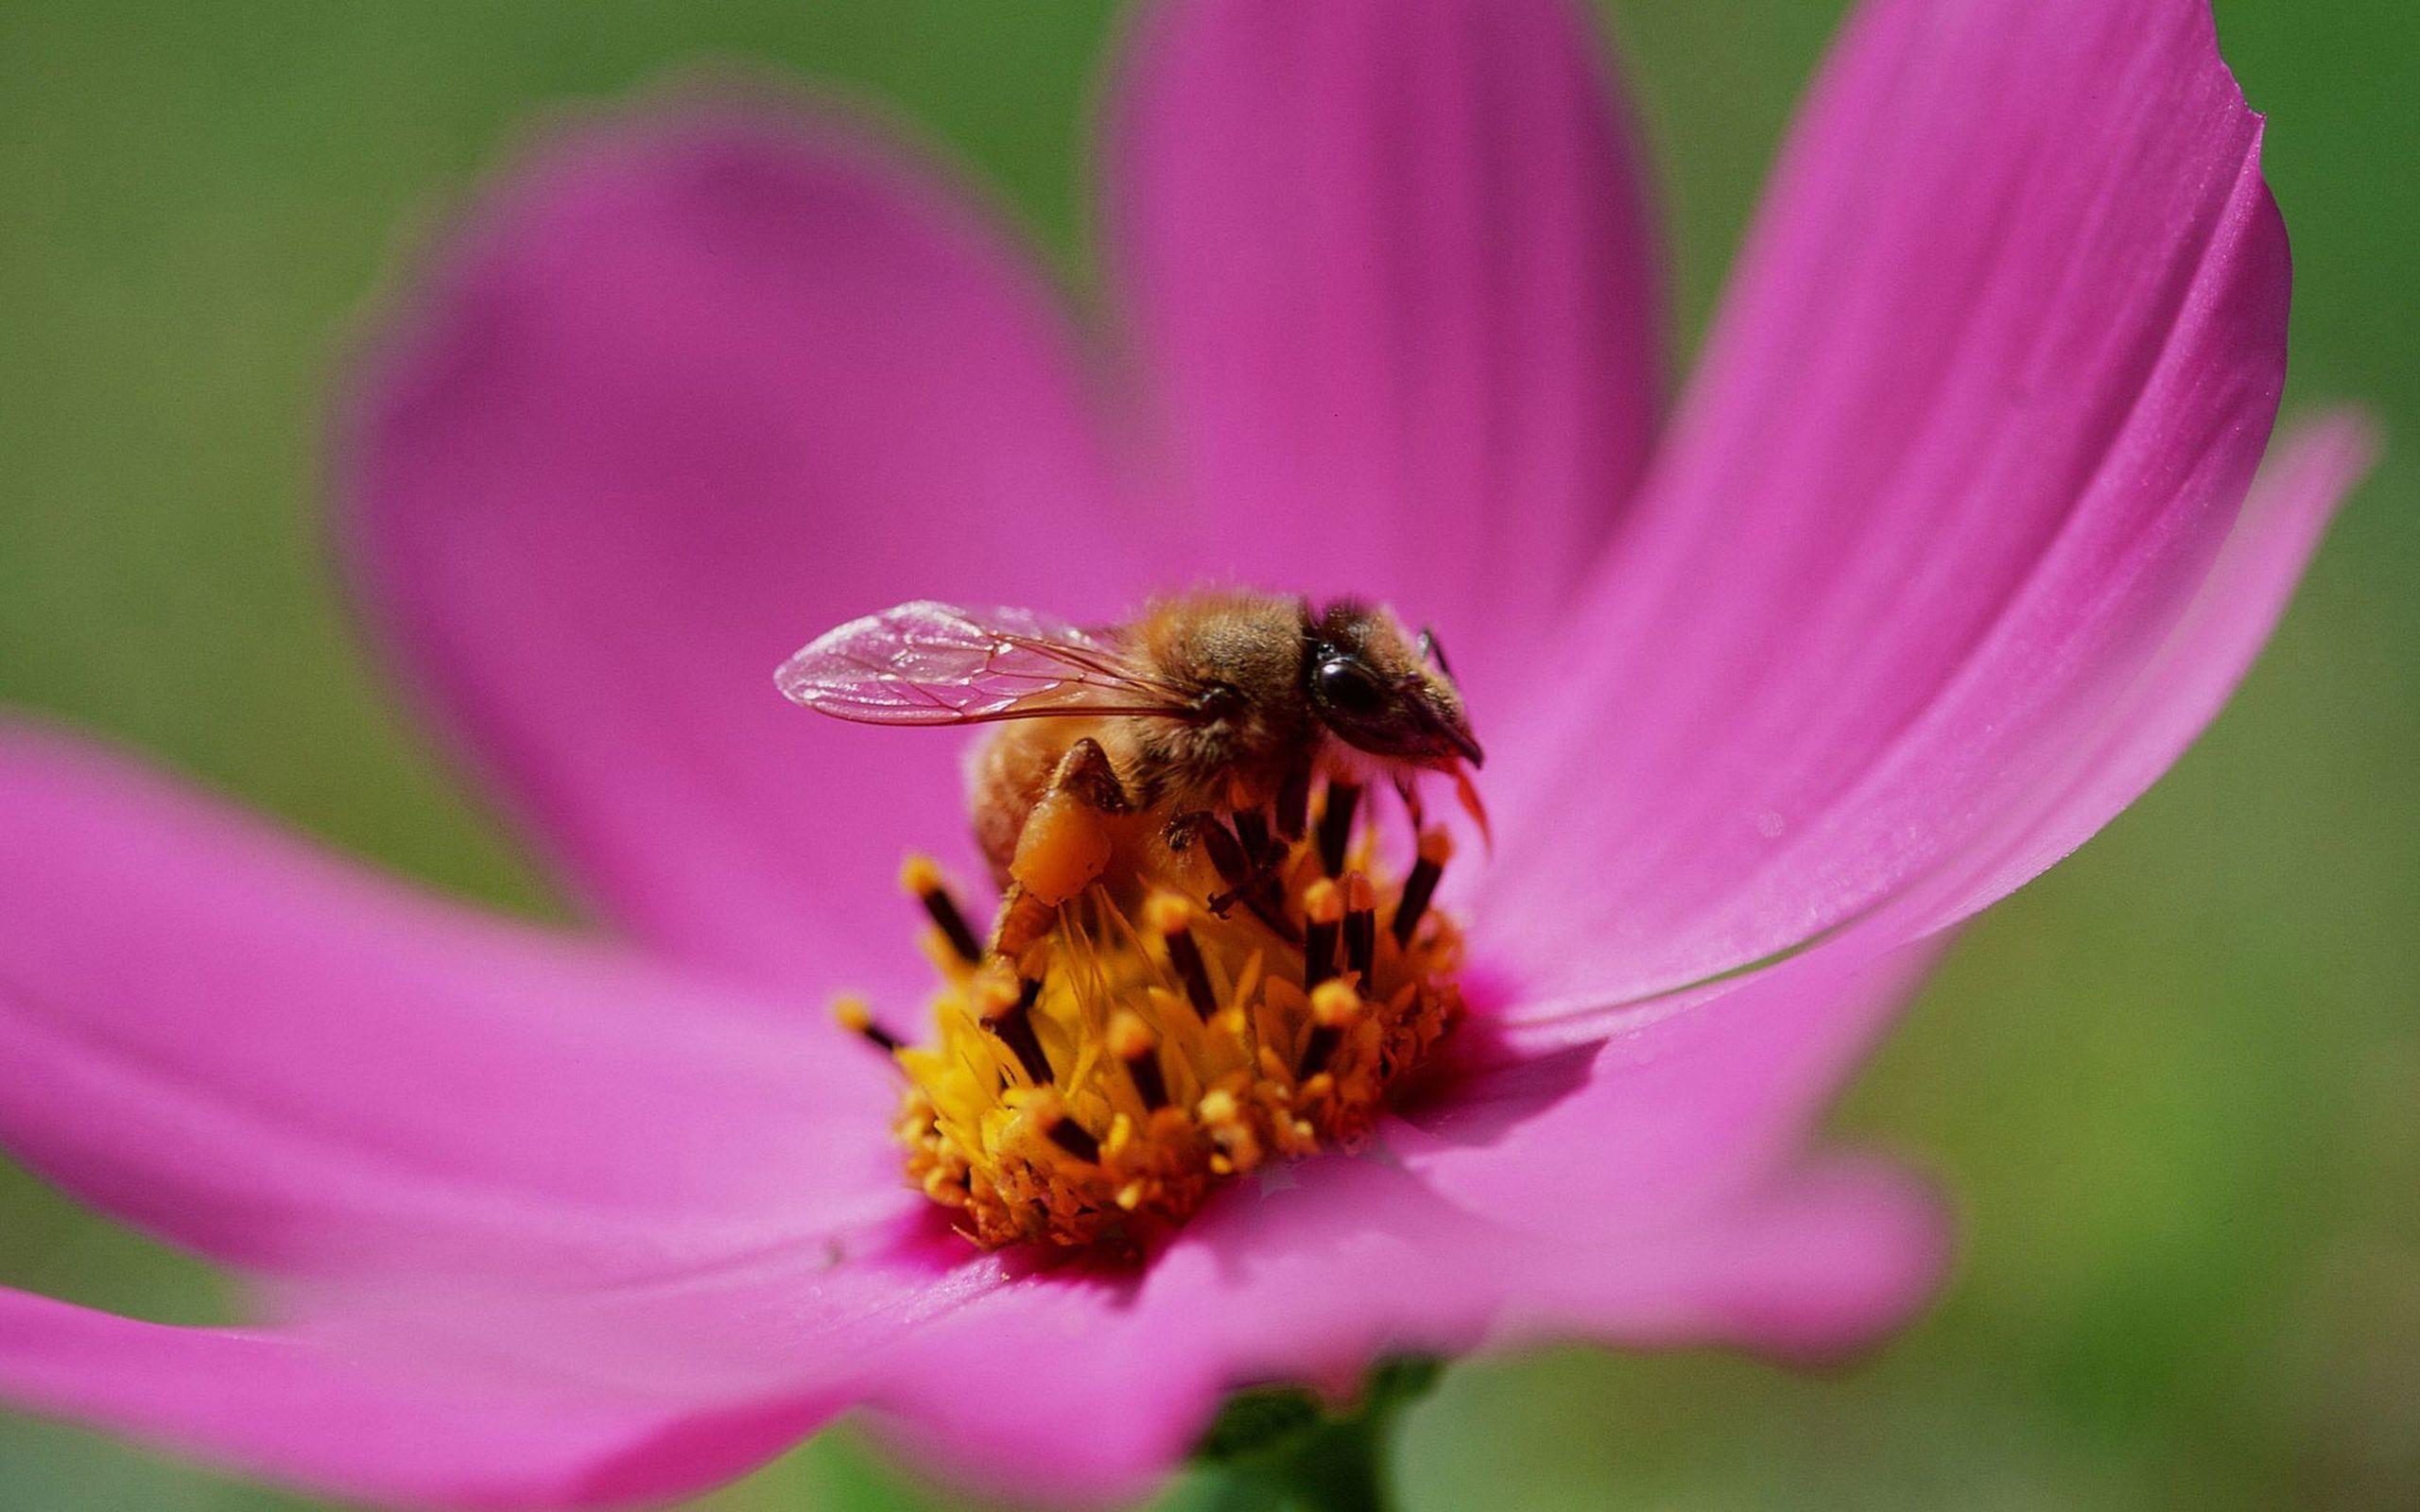 Una abeja en una flor - 2560x1600